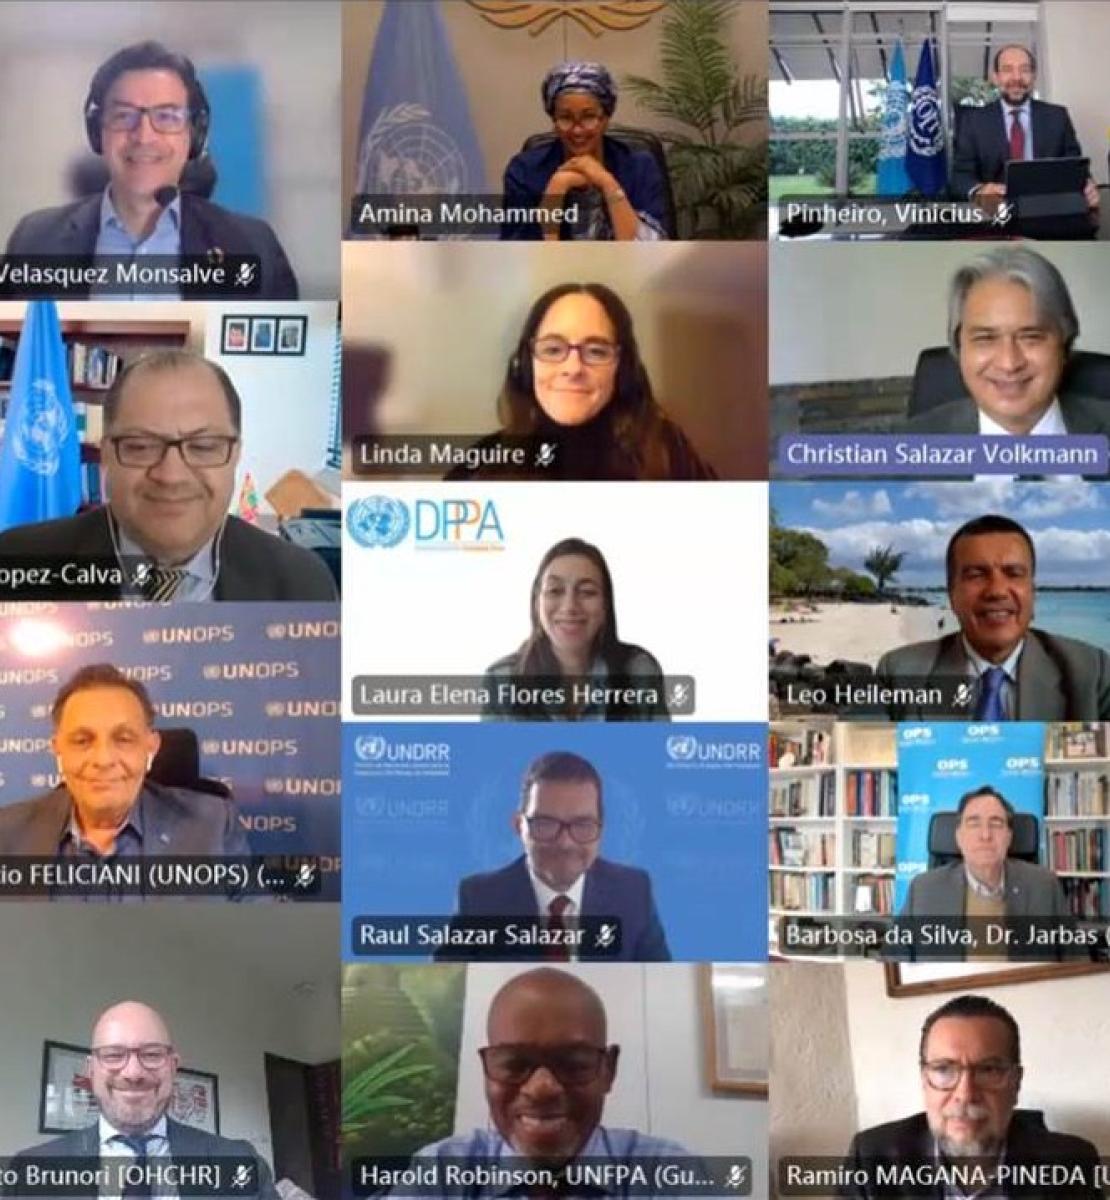 Capture d'écran montrant des hommes et des femmes participant à la réunion en ligne de la plateforme de collaboration régionale pour l'Amérique latine et les Caraïbes.